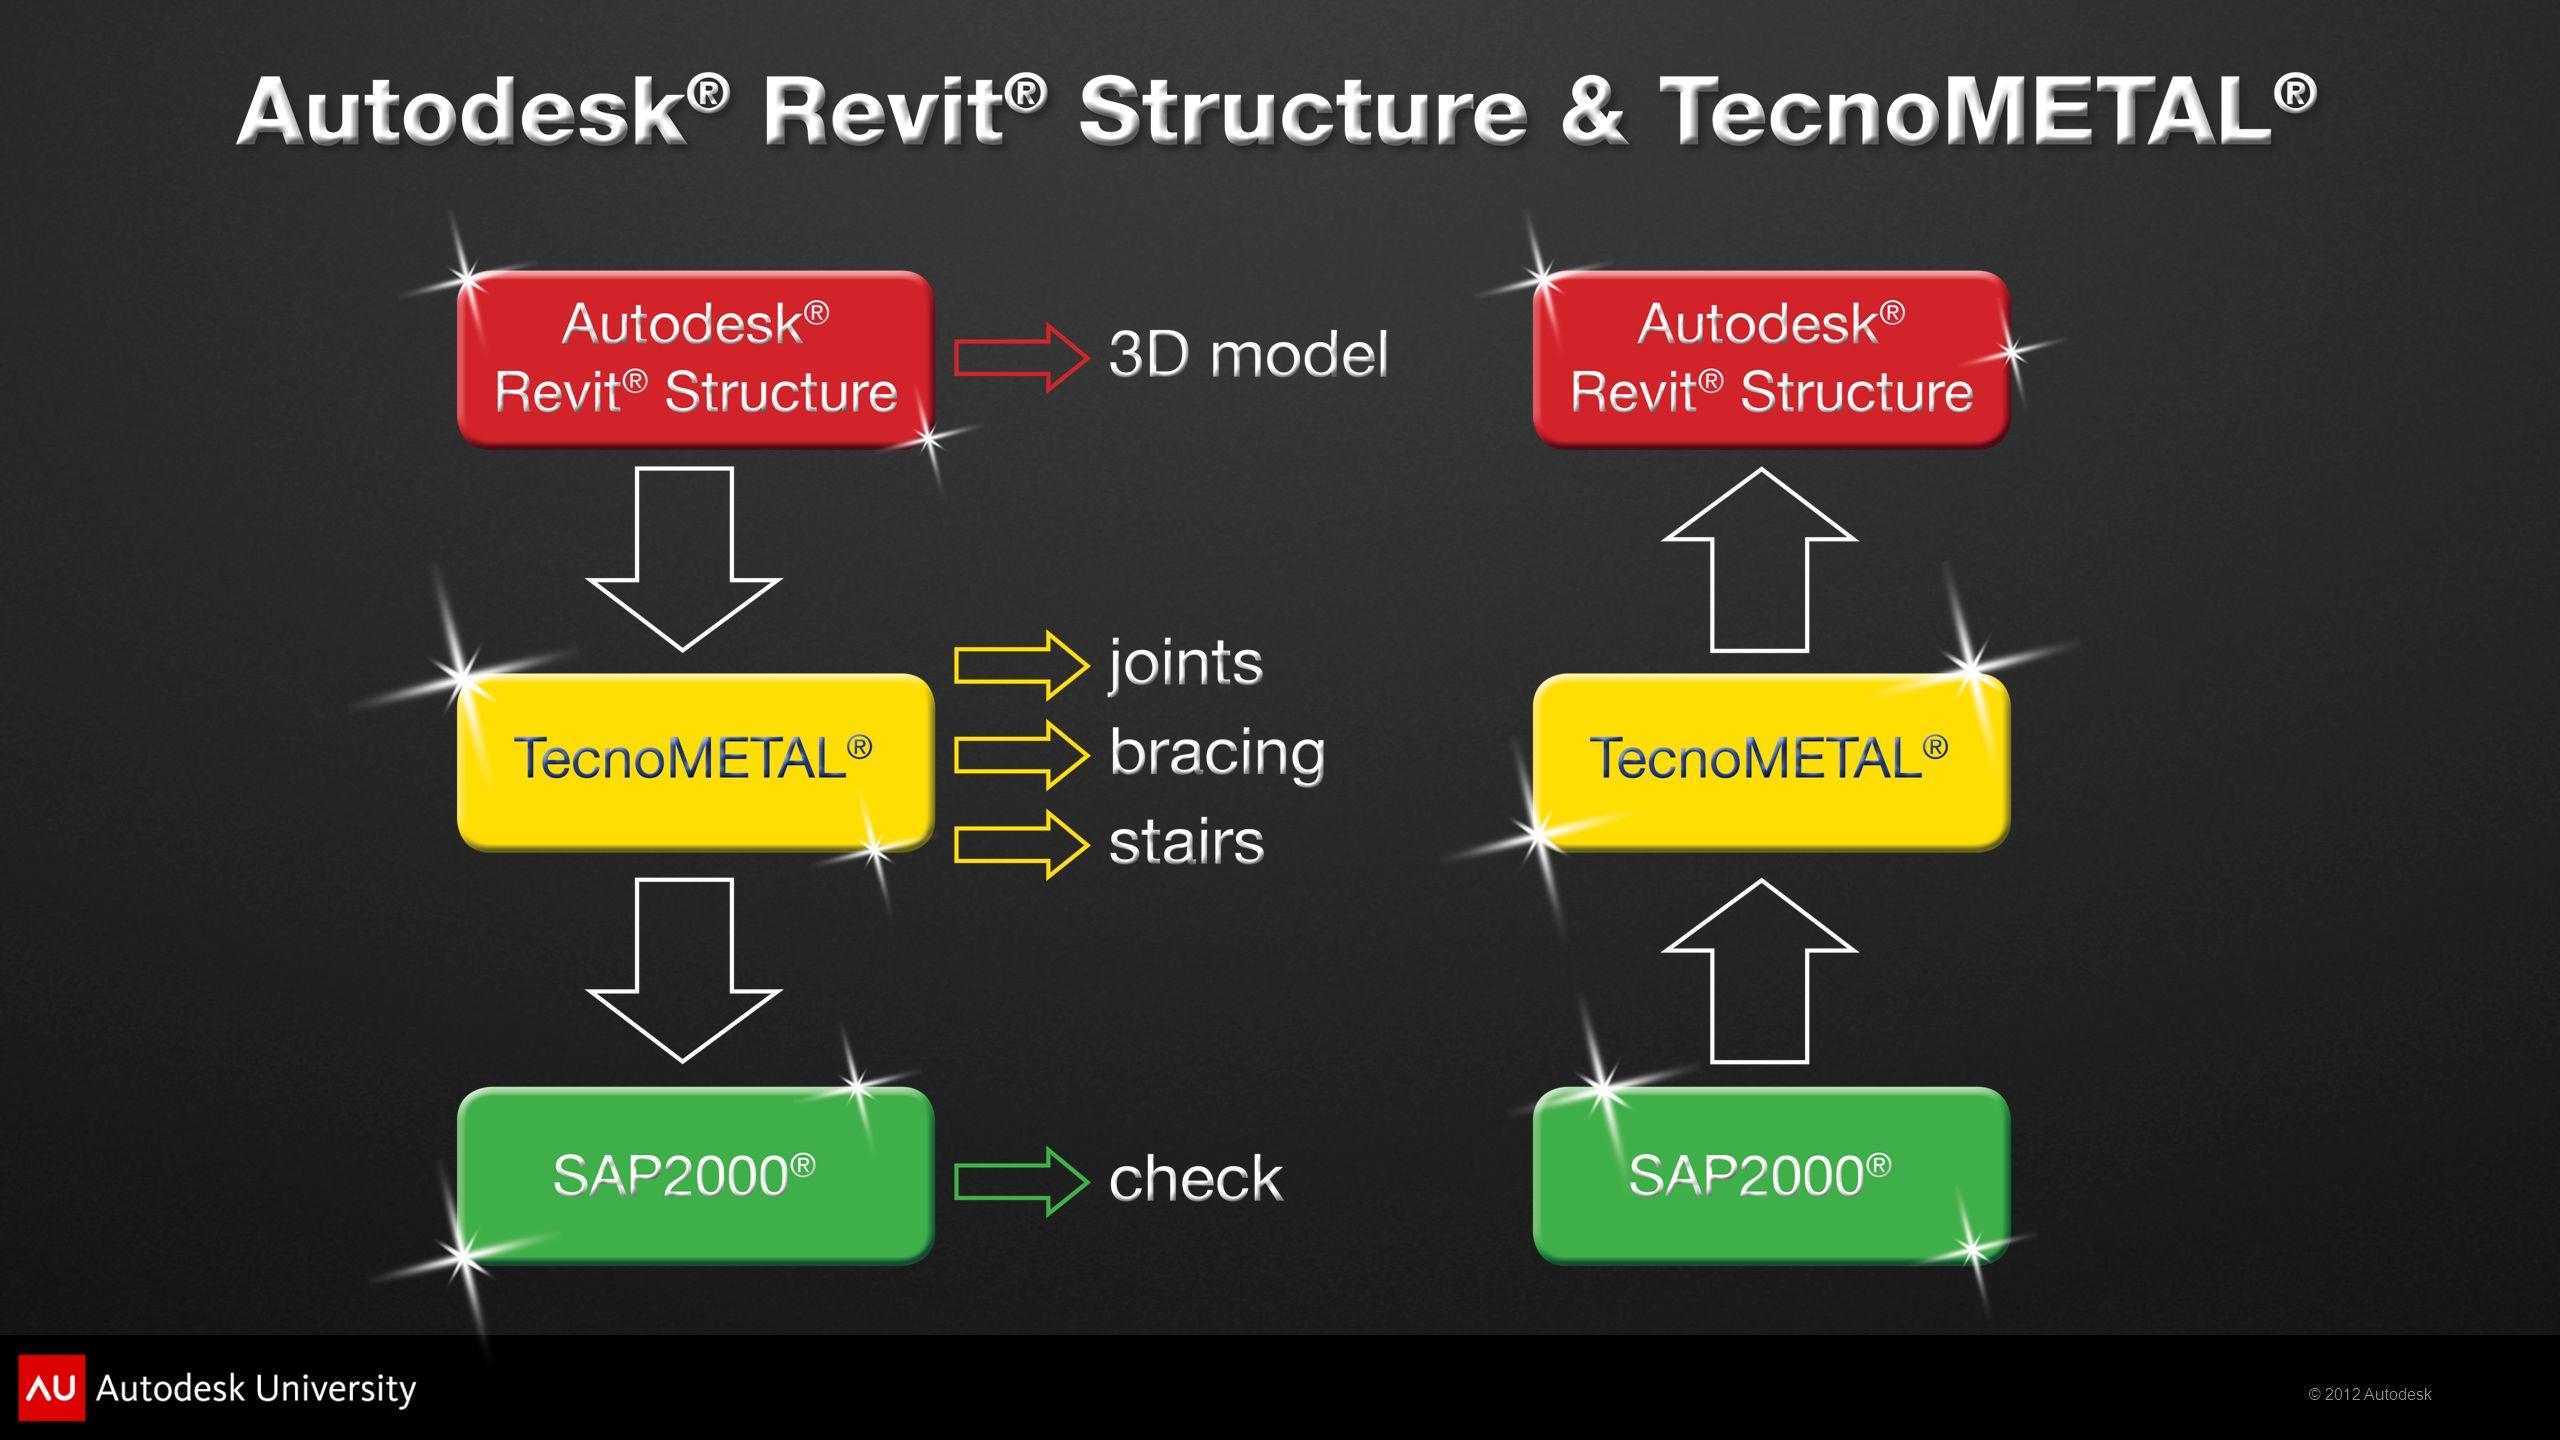 Seção1: Integração Autodesk® Revit® Structure e TecnoMETAL START VIDEO Exportação do modelo de Autodesk® Revit® Structure para TecnoMETAL®, inserção de elementos típicos de estrutura metálica no TecnoMETAL: ligações, contraventos, escadas.